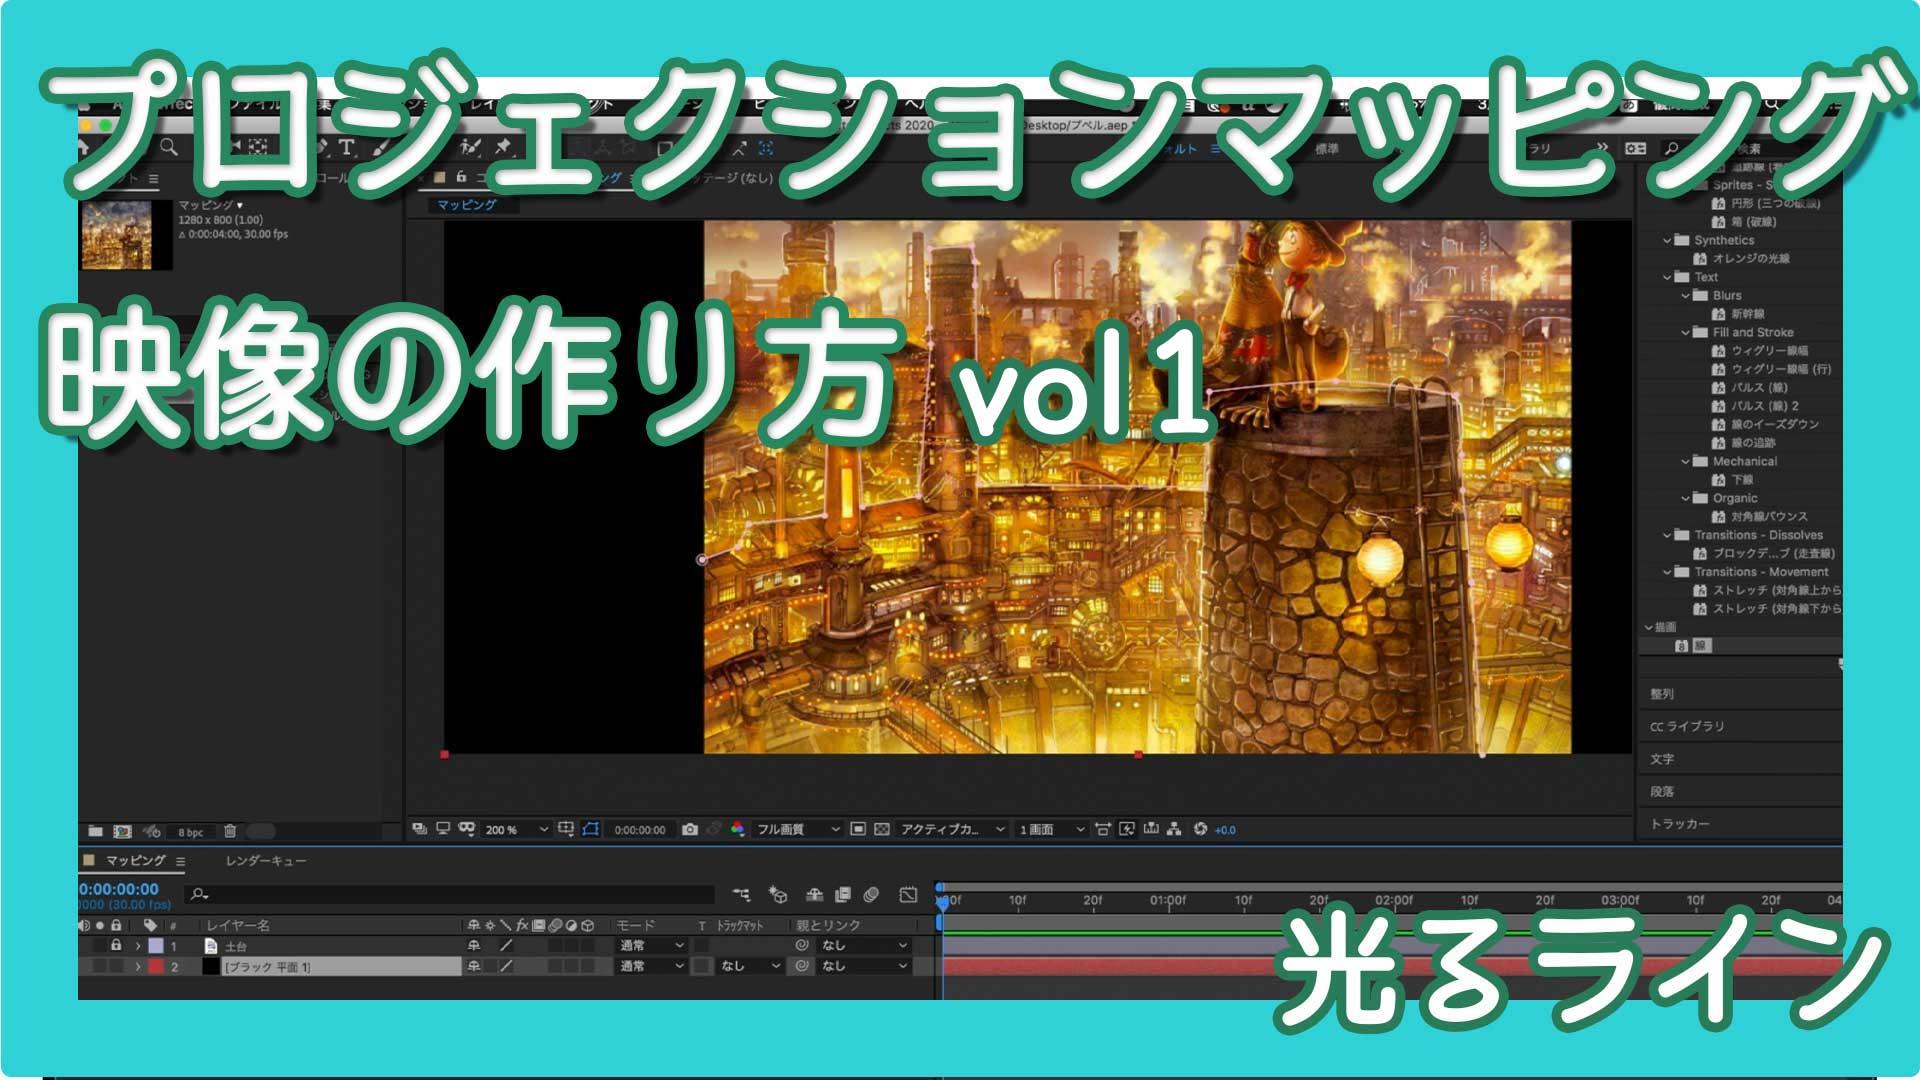 プロジェクションマッピング 映像の作り方 ライン1